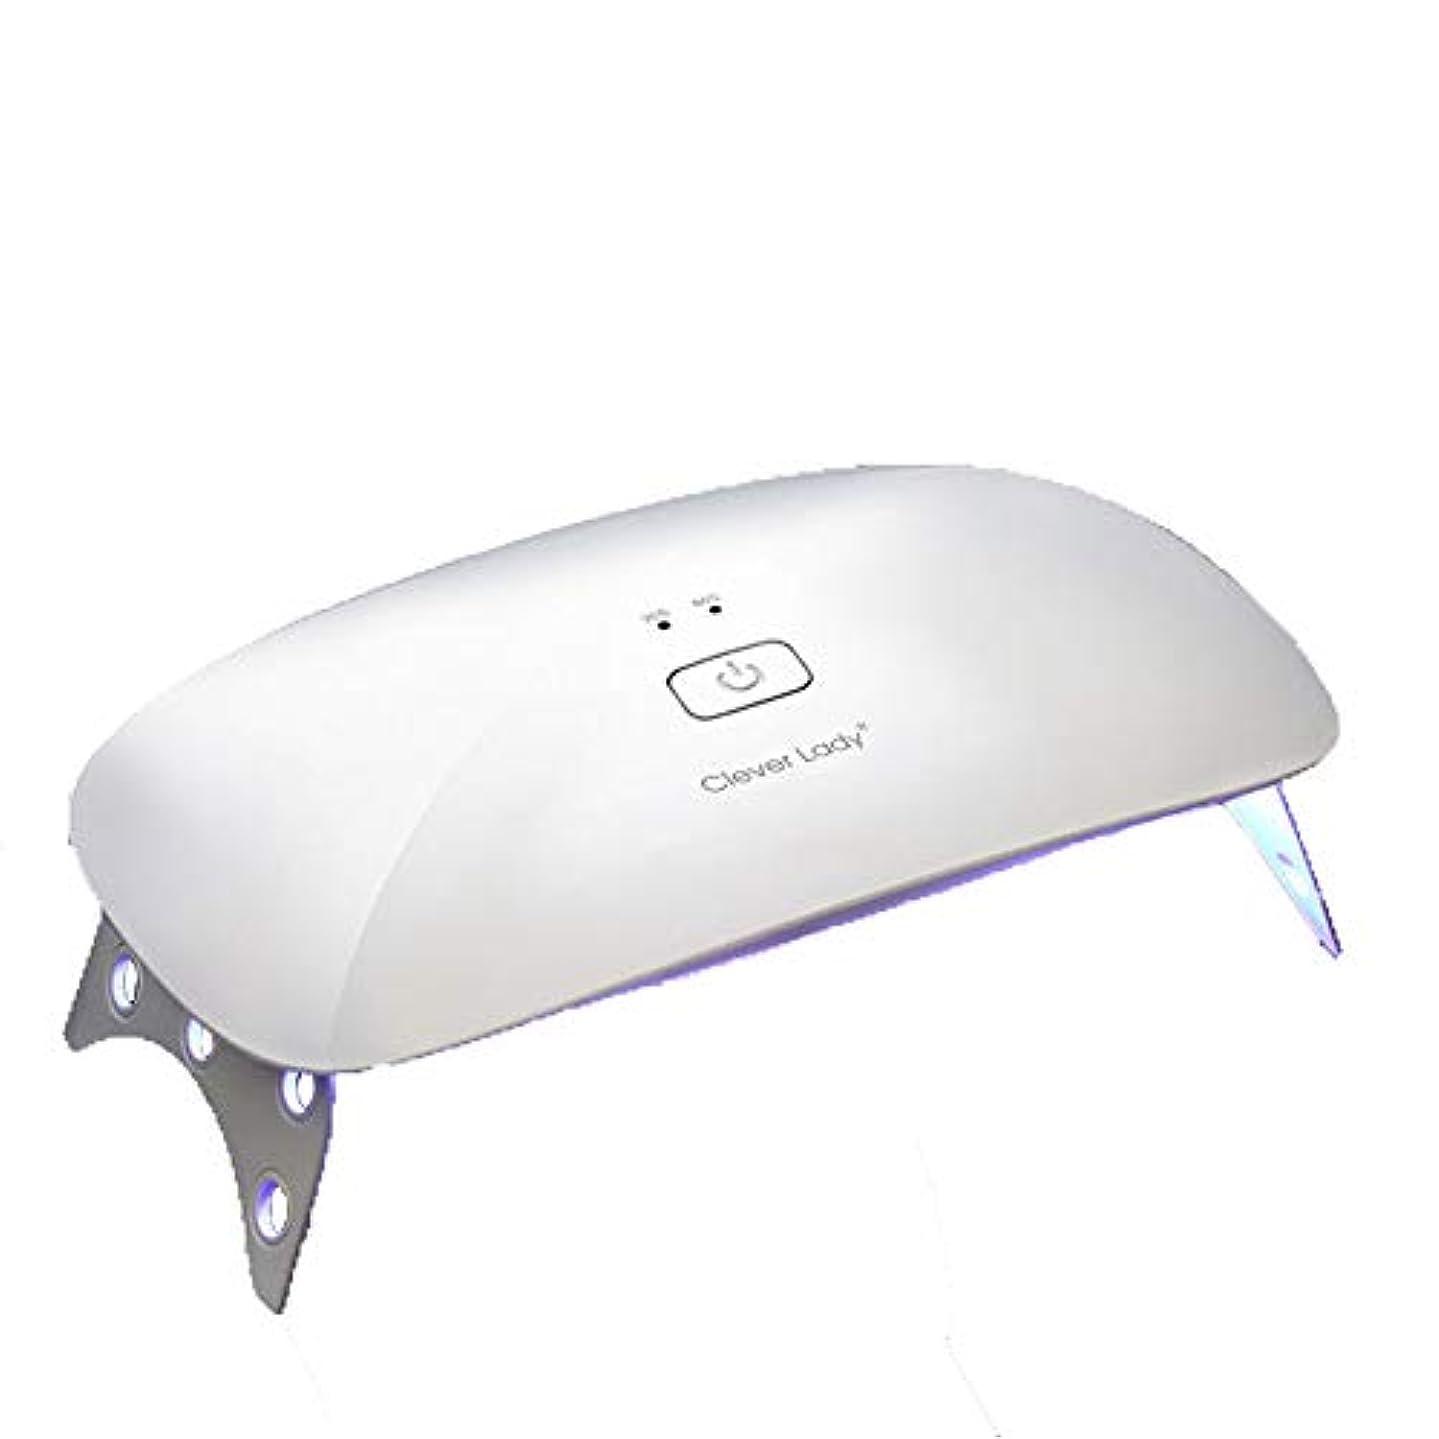 発揮するアンビエント予約LEDネイル光線療法機、ホームインテリジェント自動誘導ネイル硬化機折りたたみ式クイックドライヤー、ポータブルネイルポリッシャー